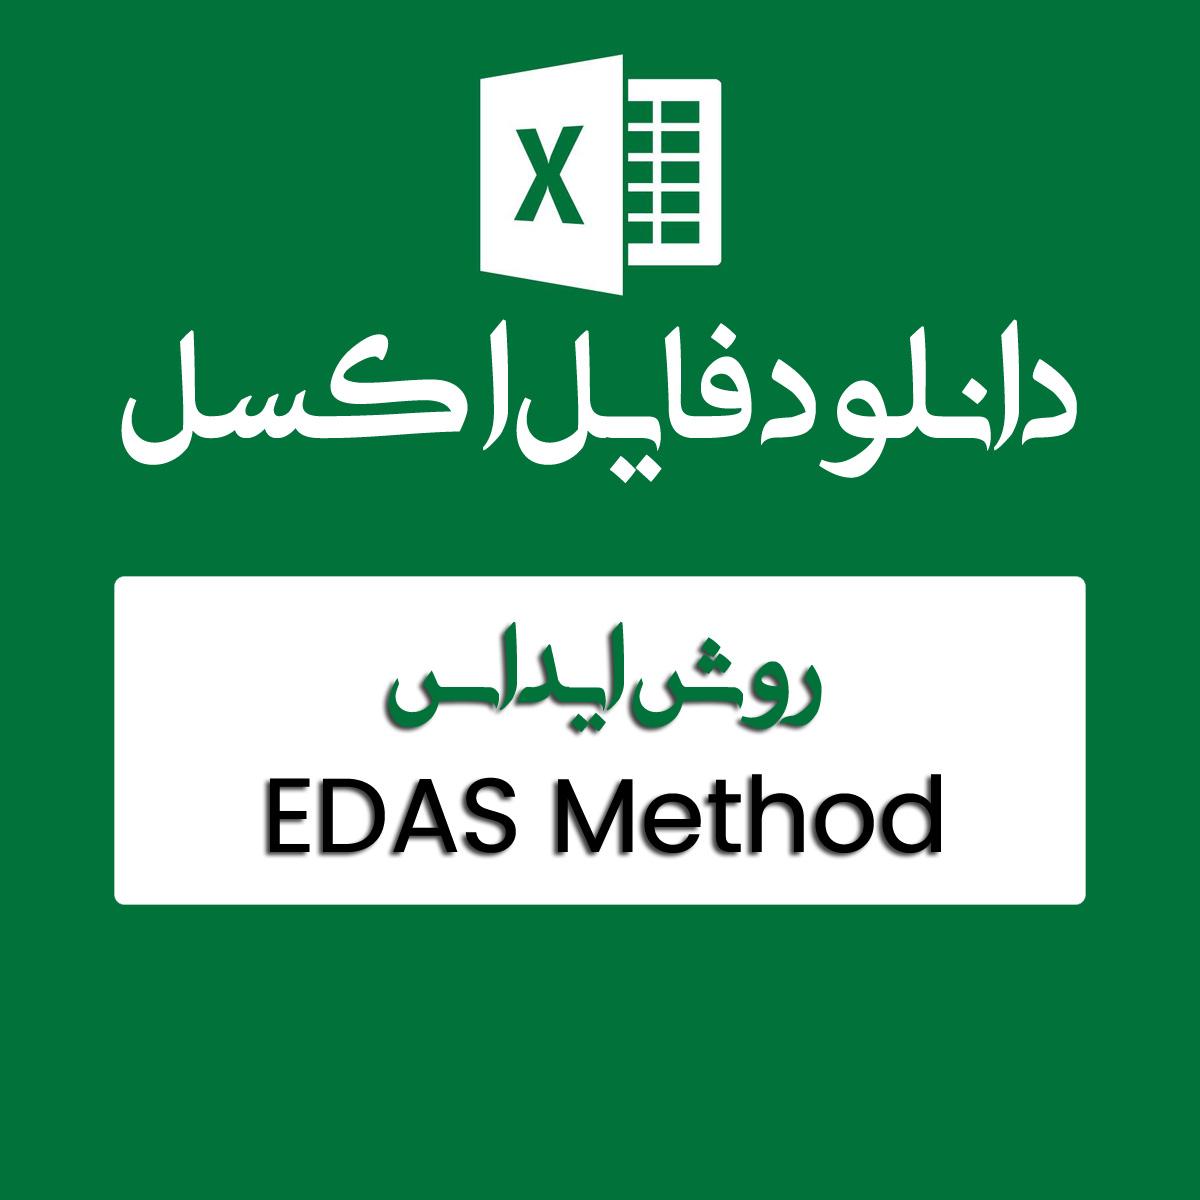 مثال روش EDAS